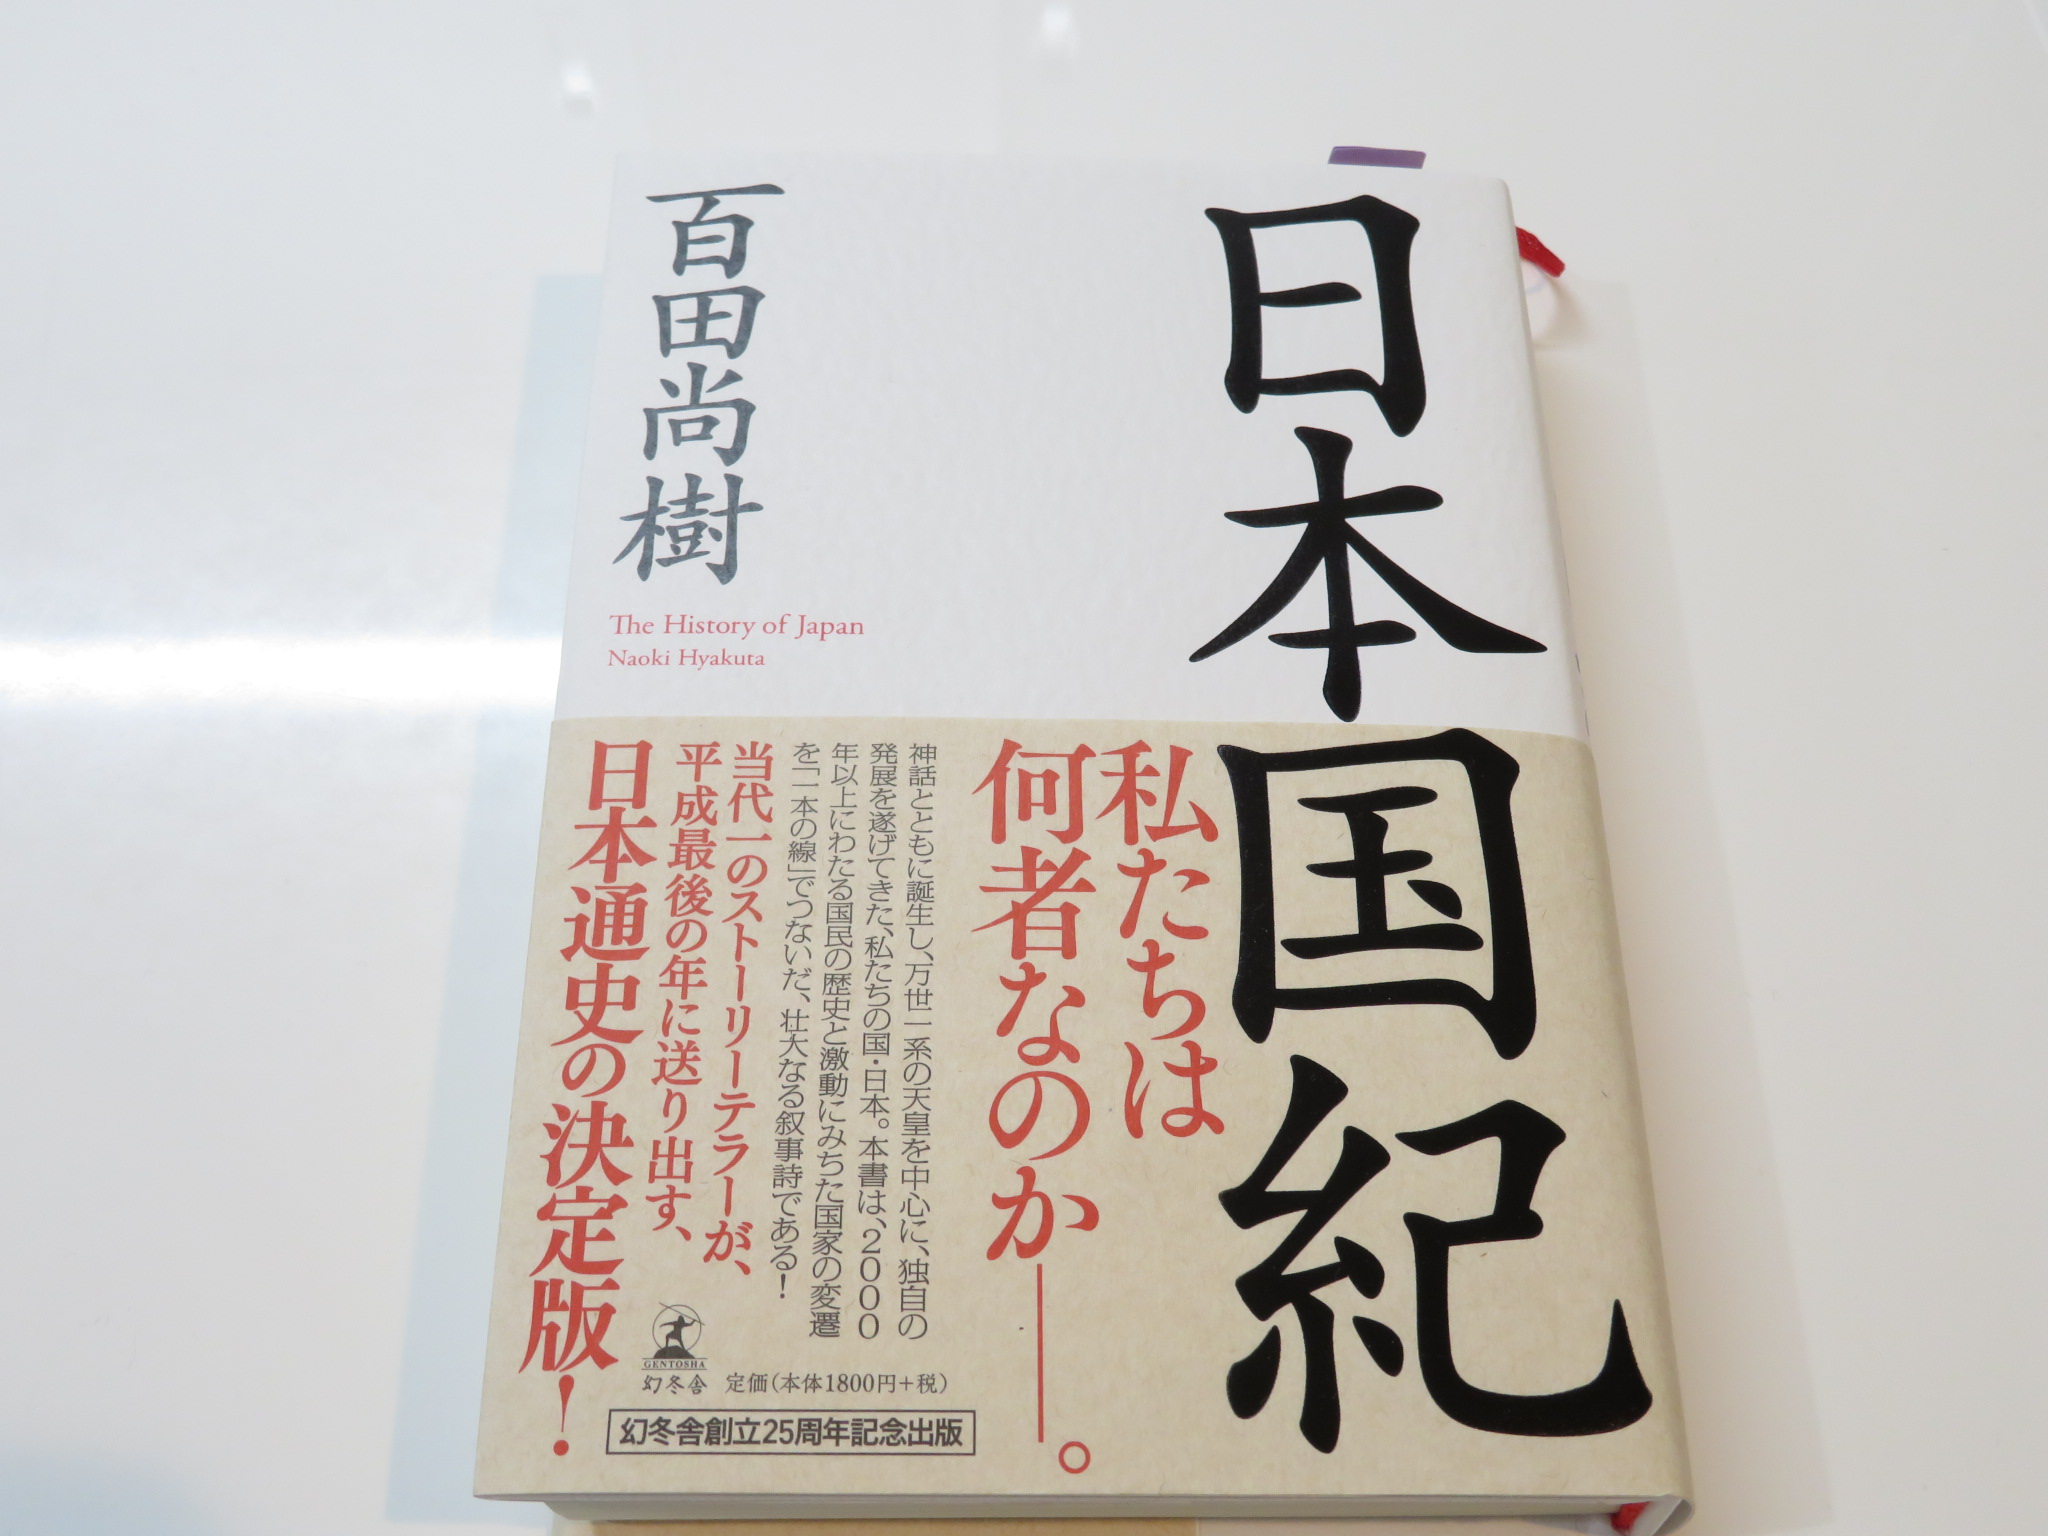 https://www.elashy-mise.jp/IMG_0692.JPG